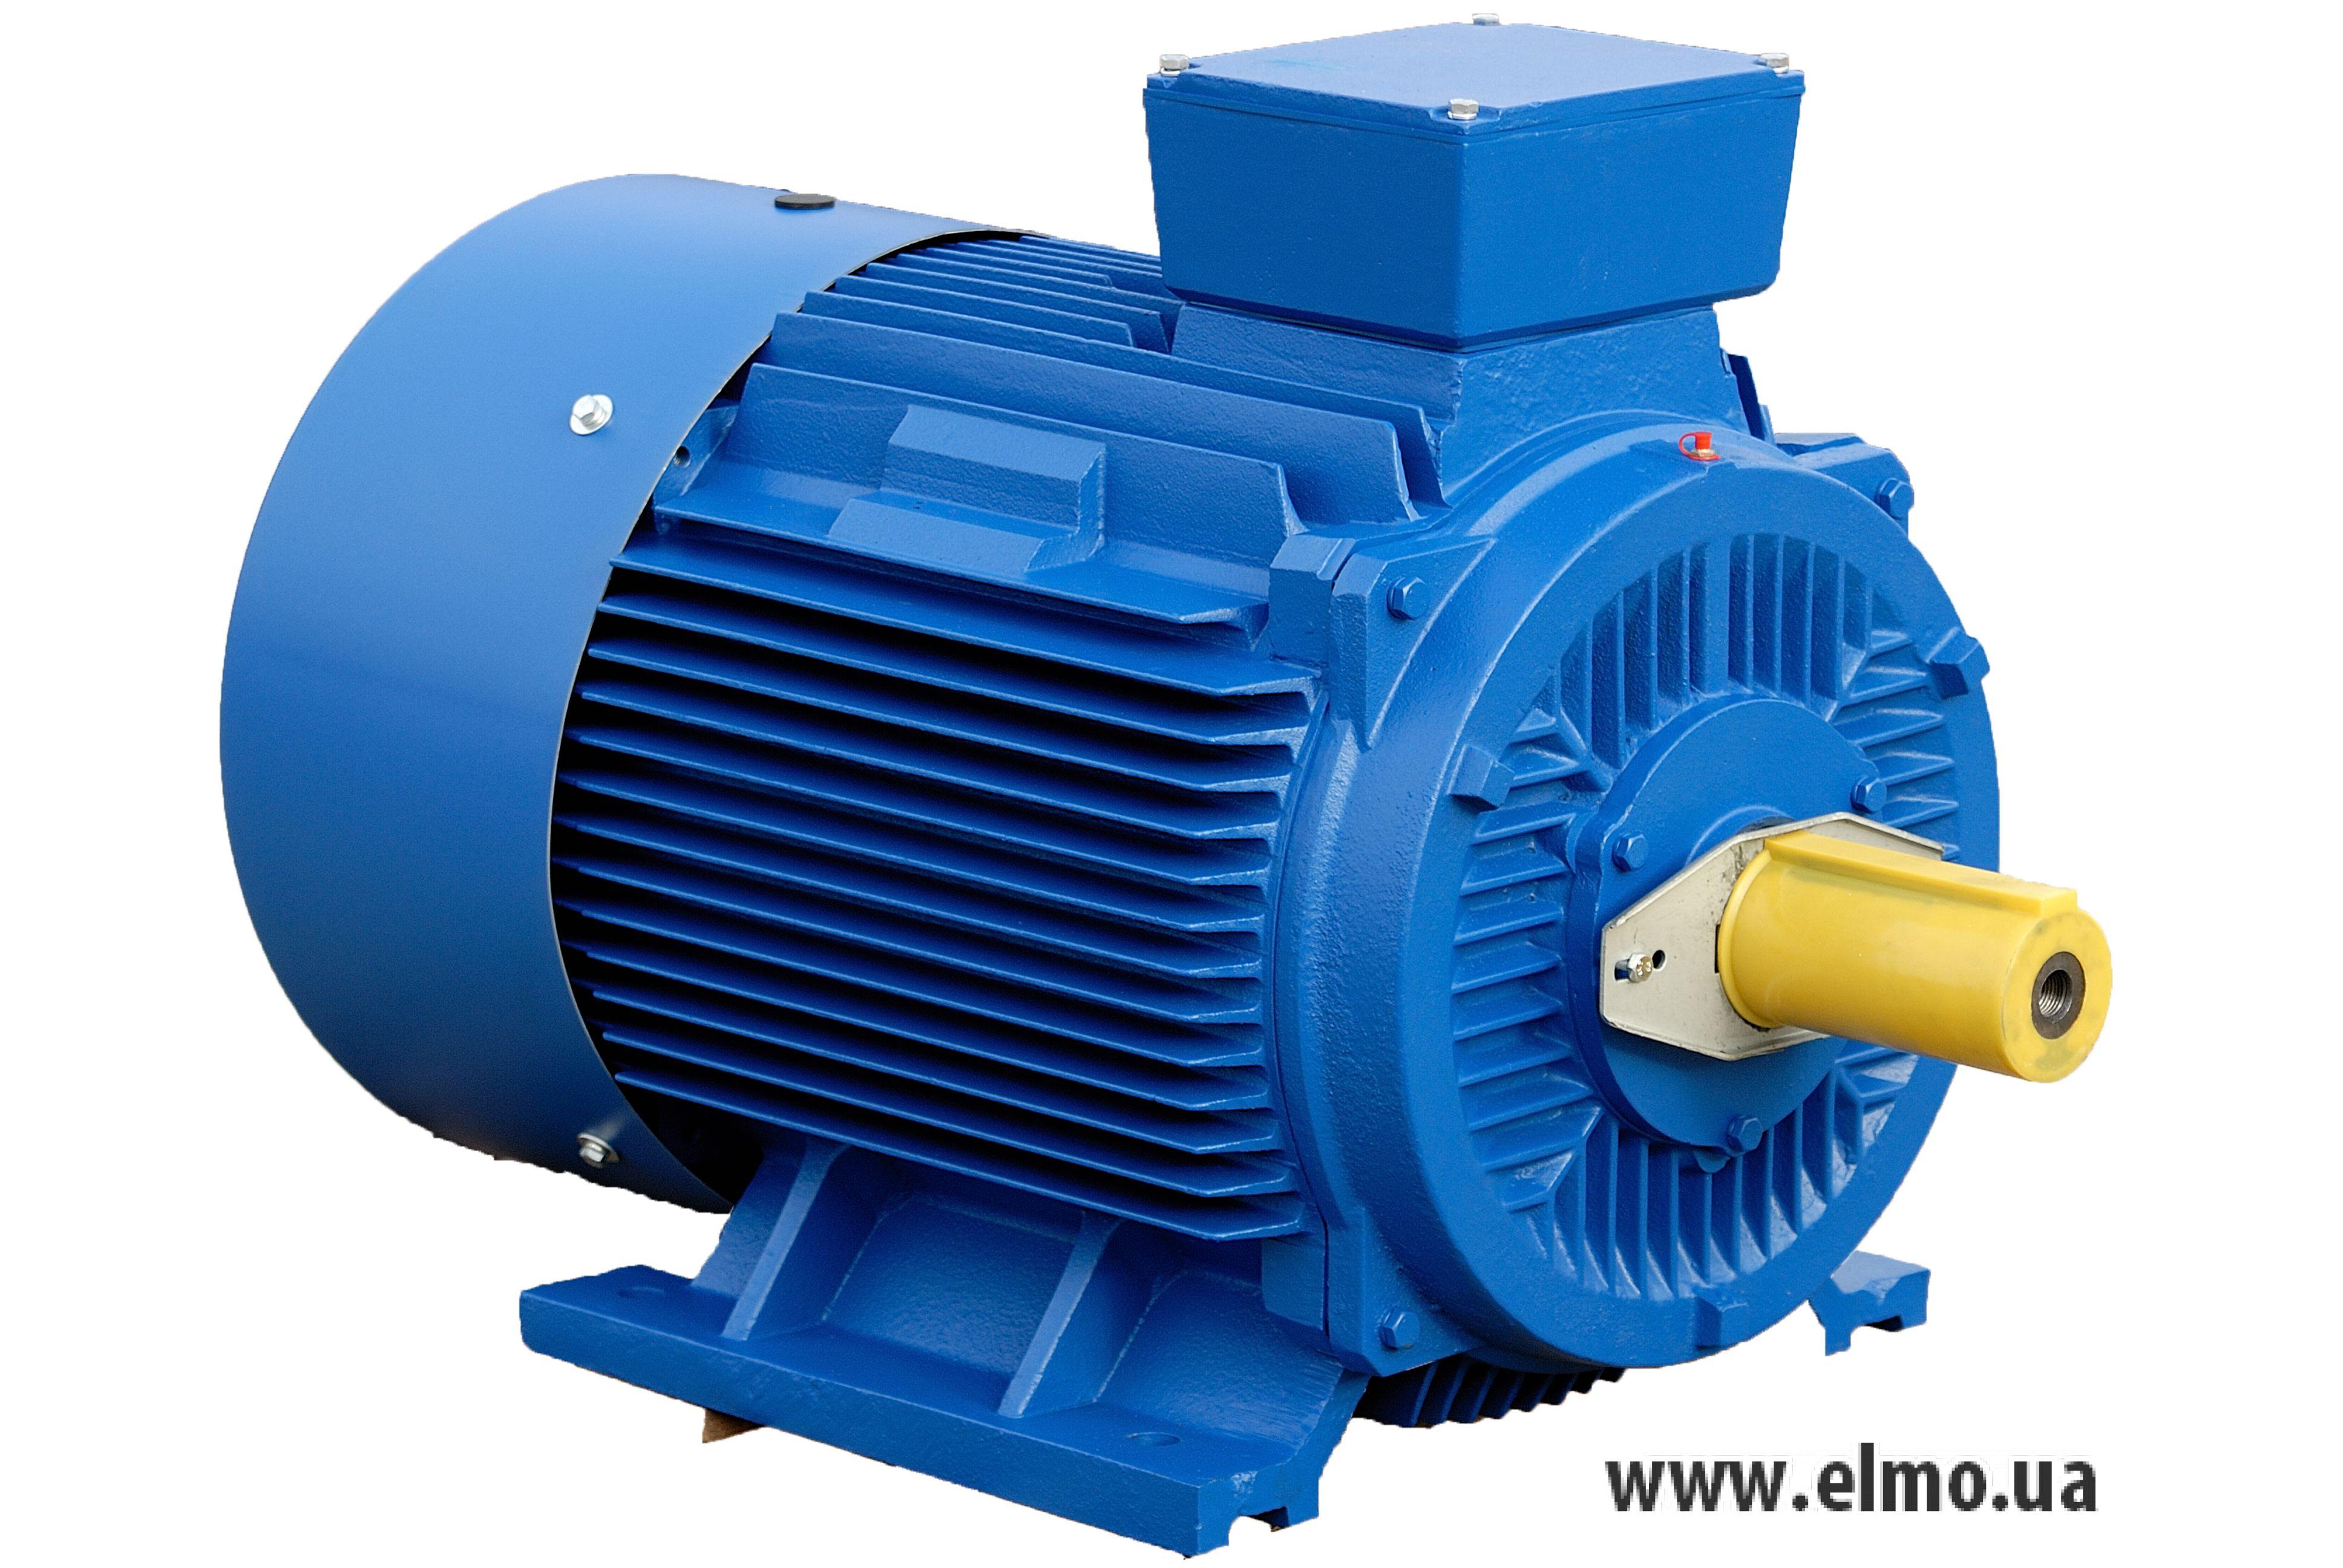 Обще промышленный двигатель серии аир